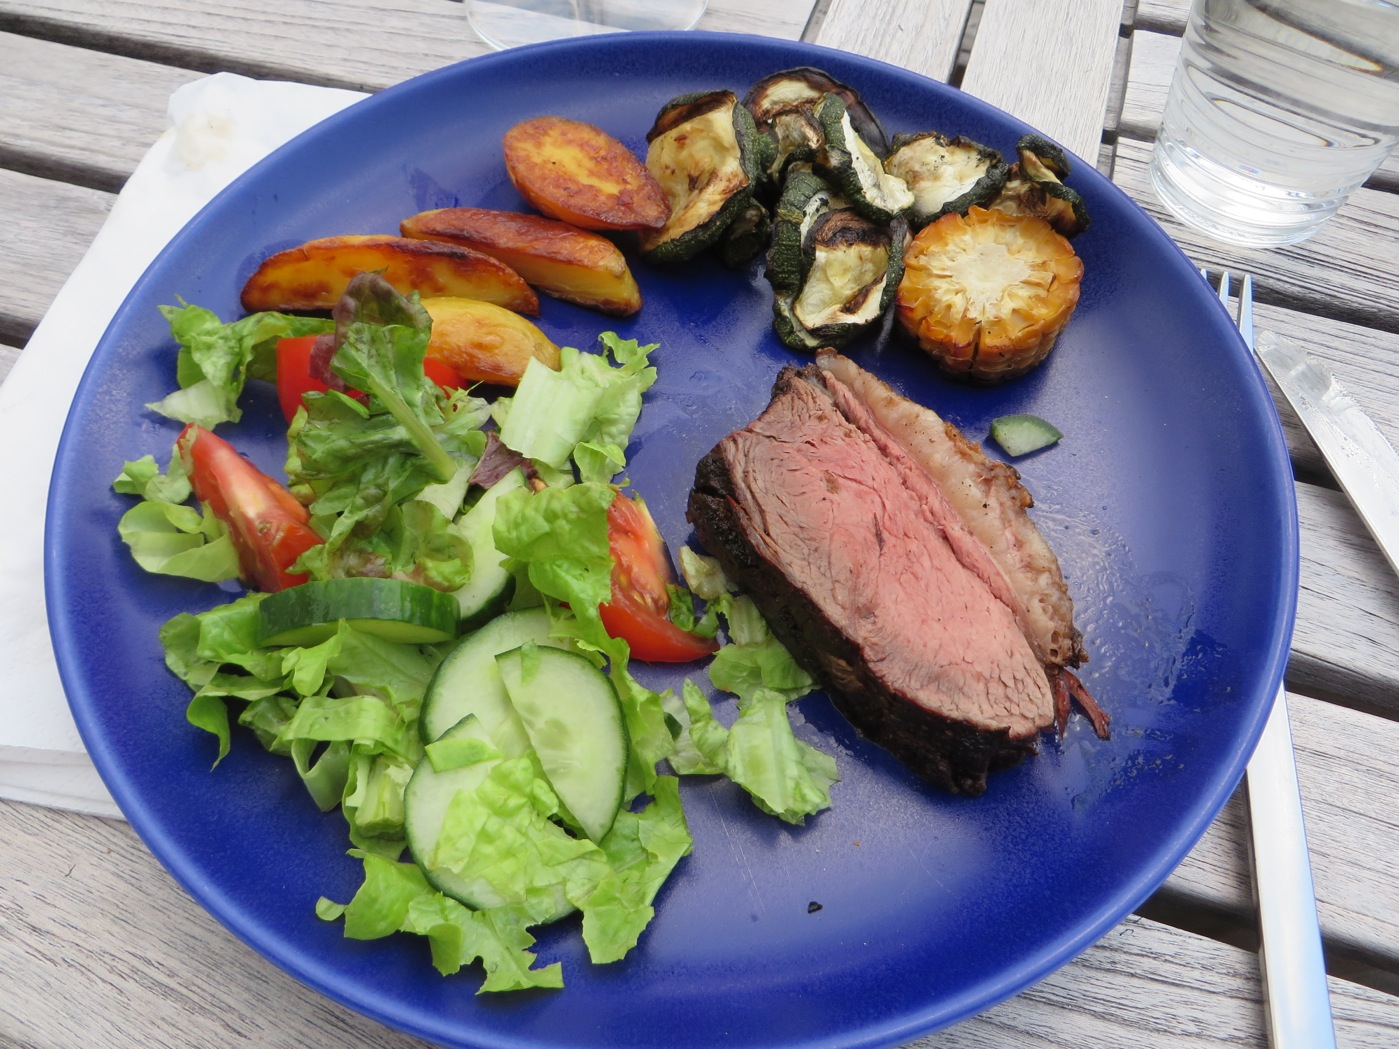 Kött, klyftpotatis, grönsaker, sallad och såser